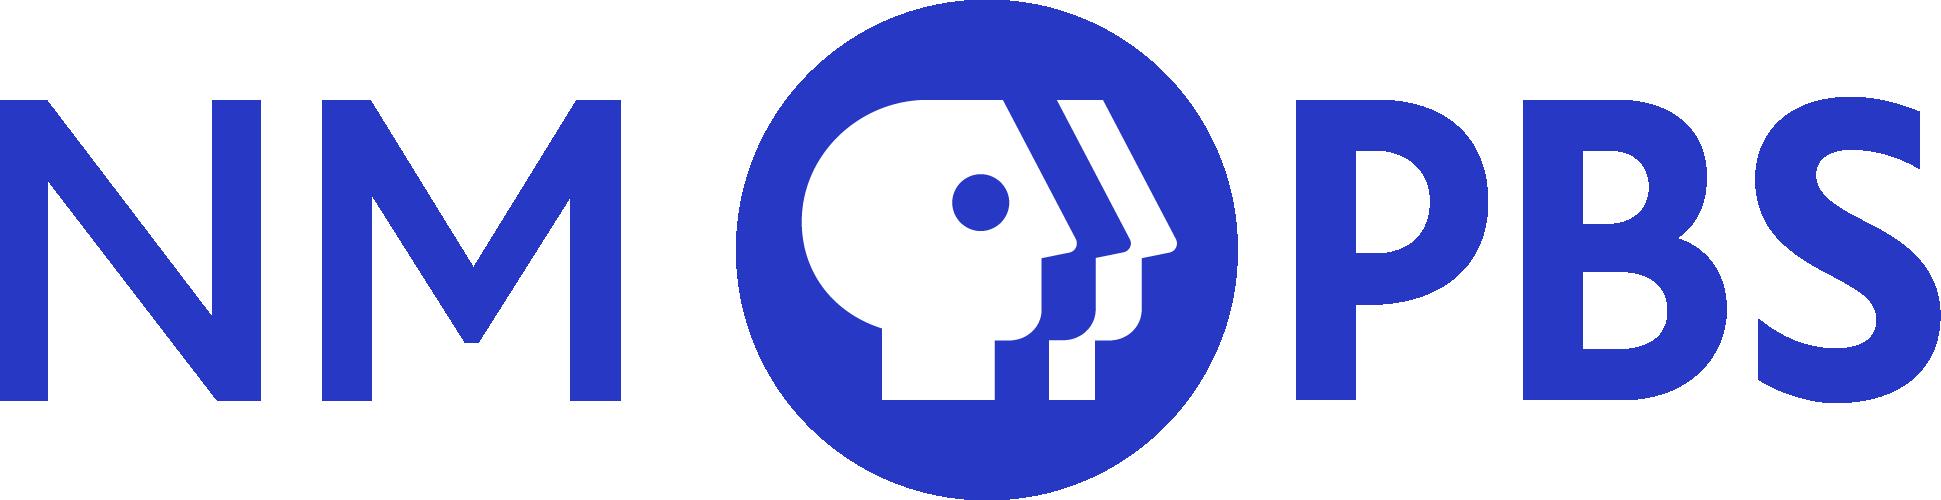 New Mexico PBS, KNME-TV